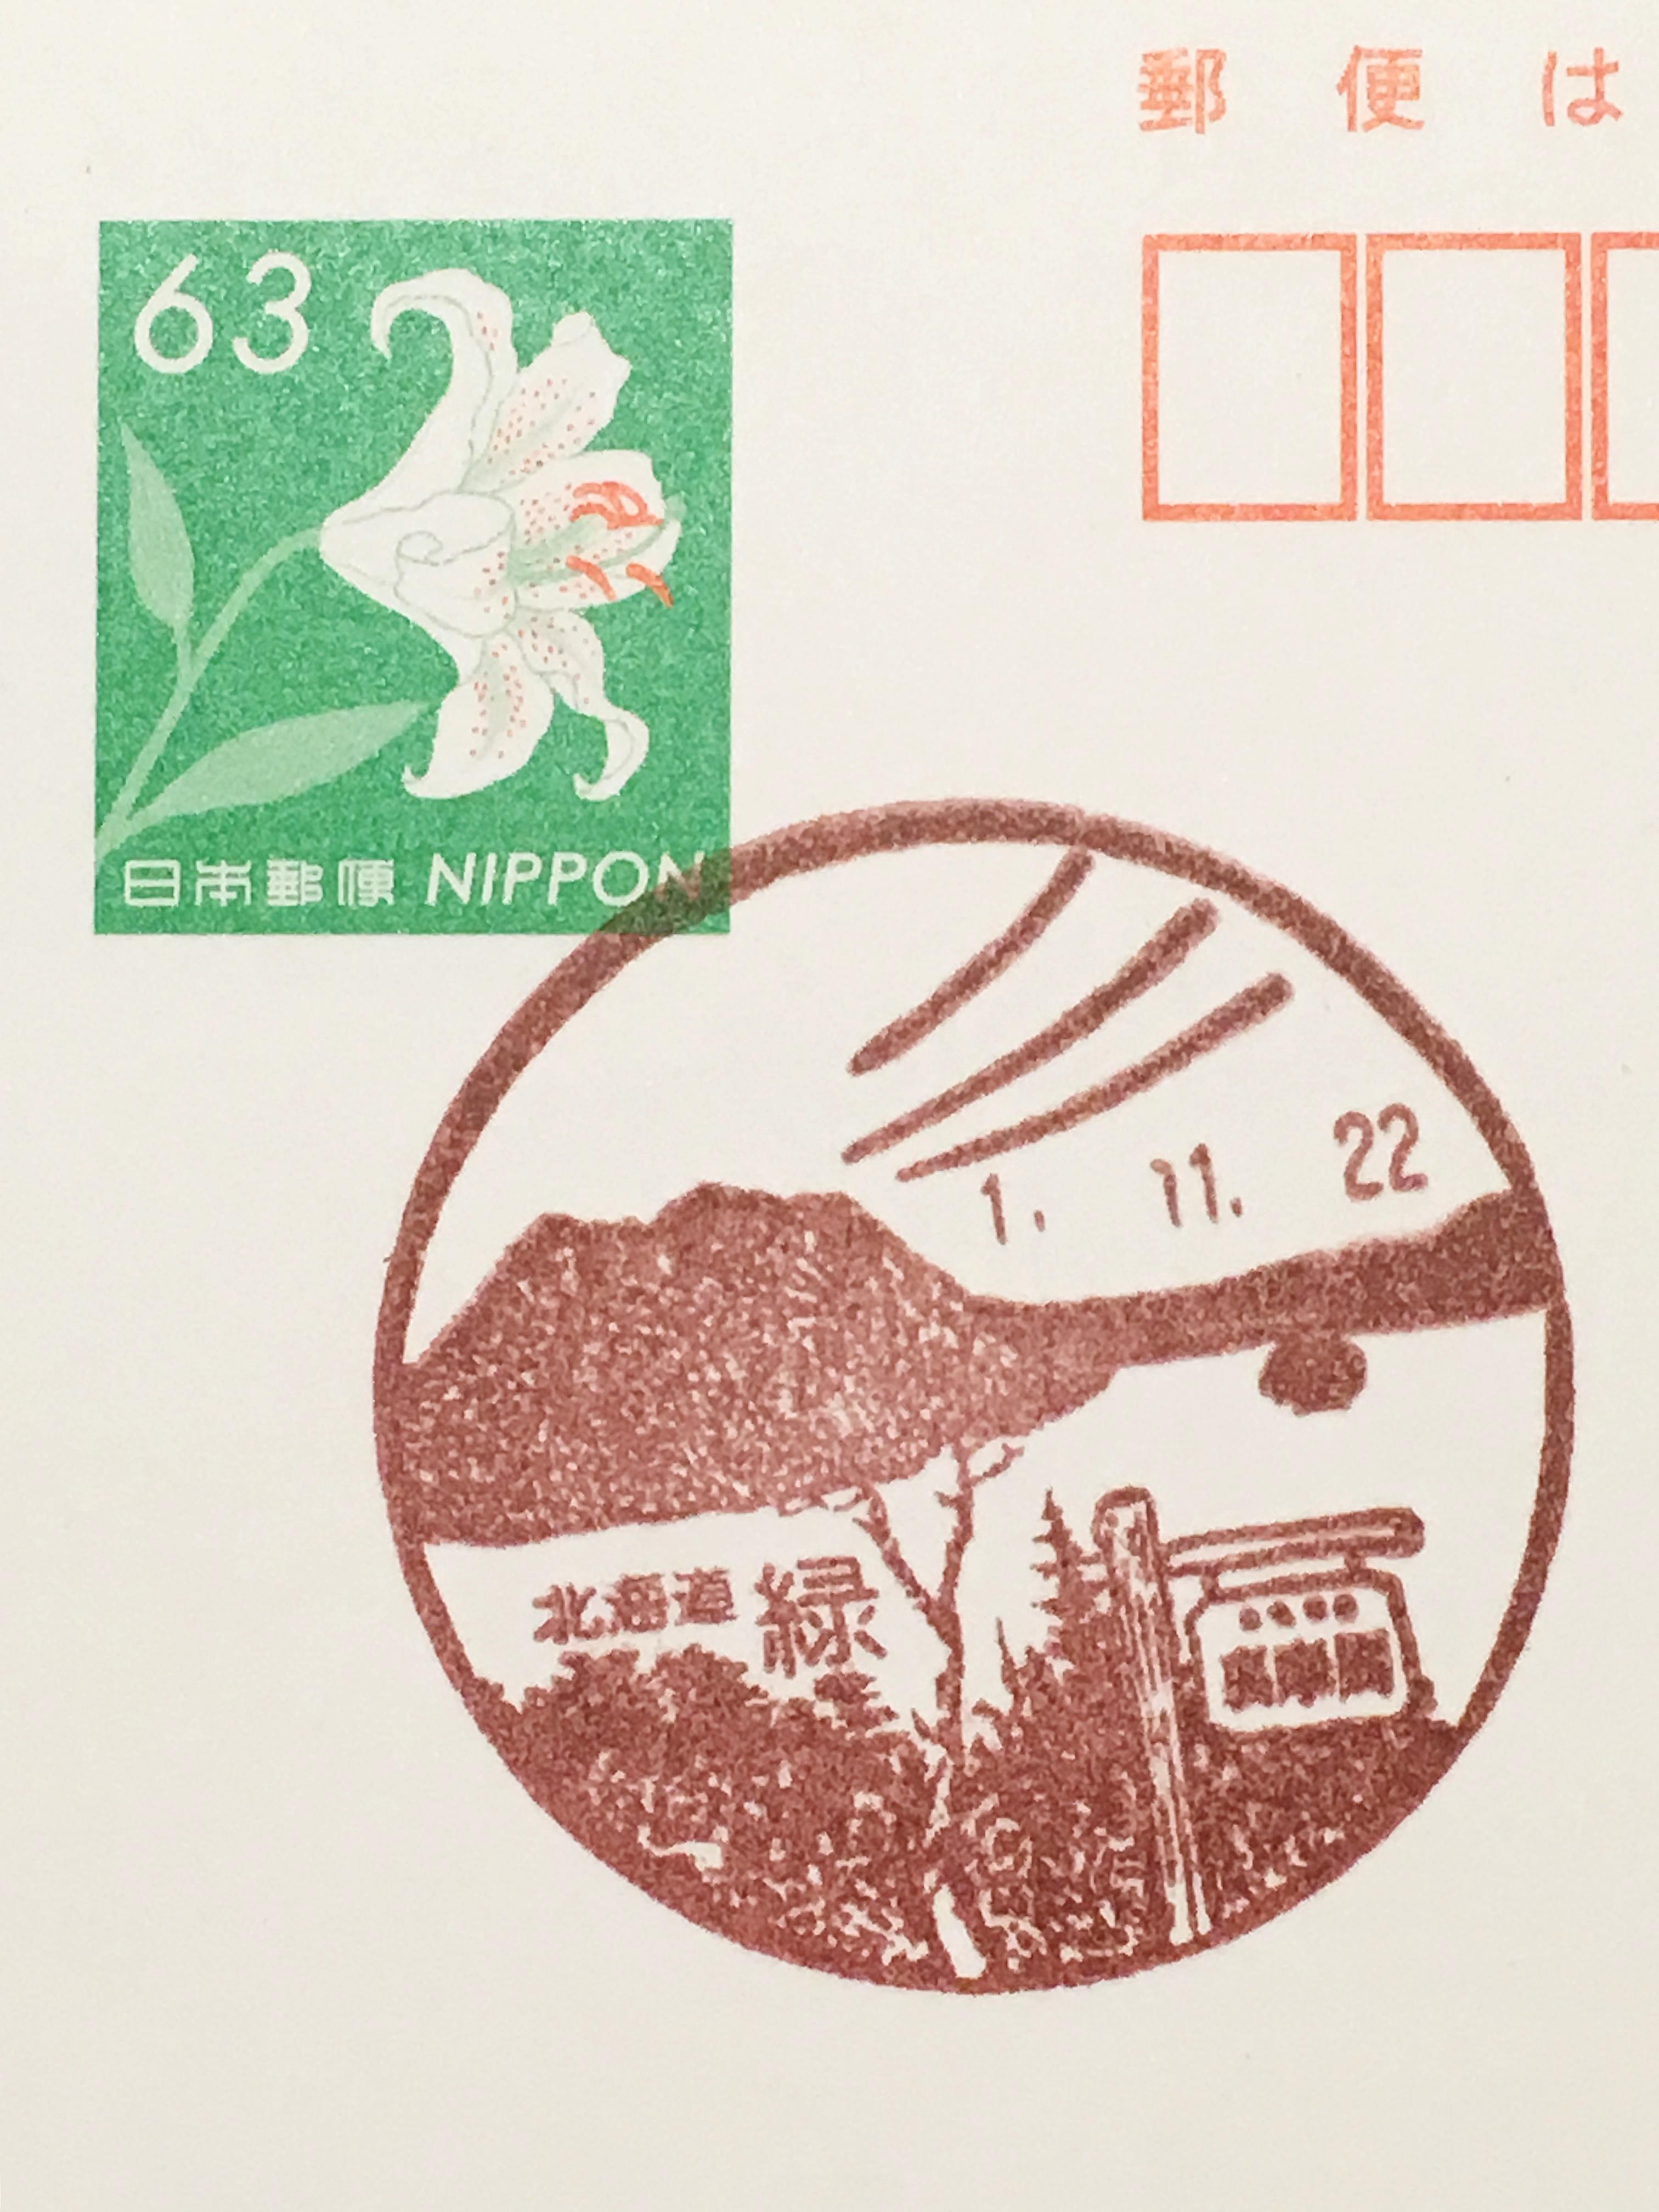 風景印 緑郵便局(旧).JPG